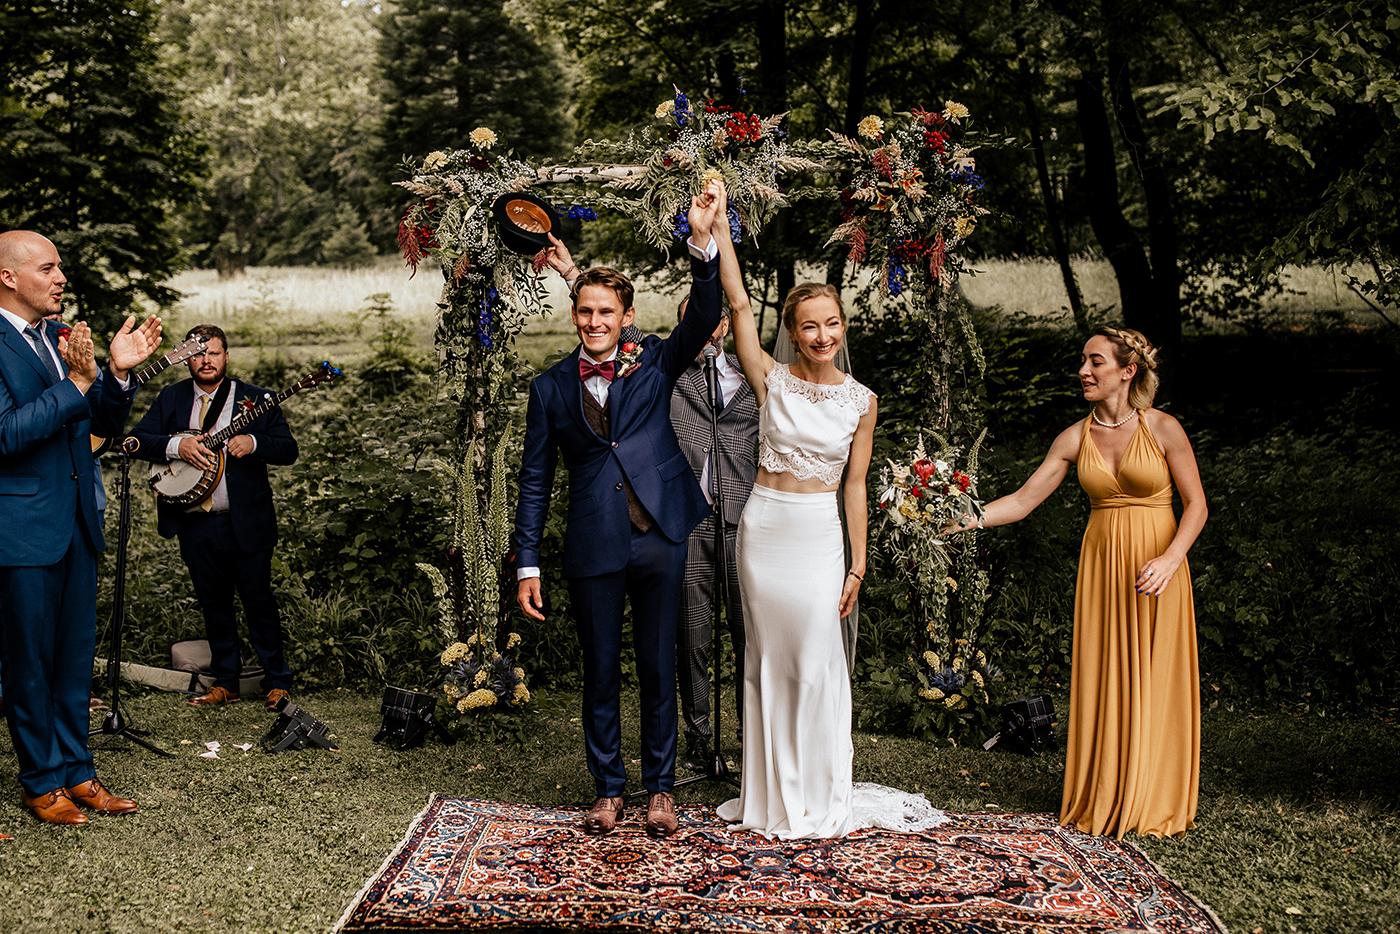 Summertime Outdoor Wedding